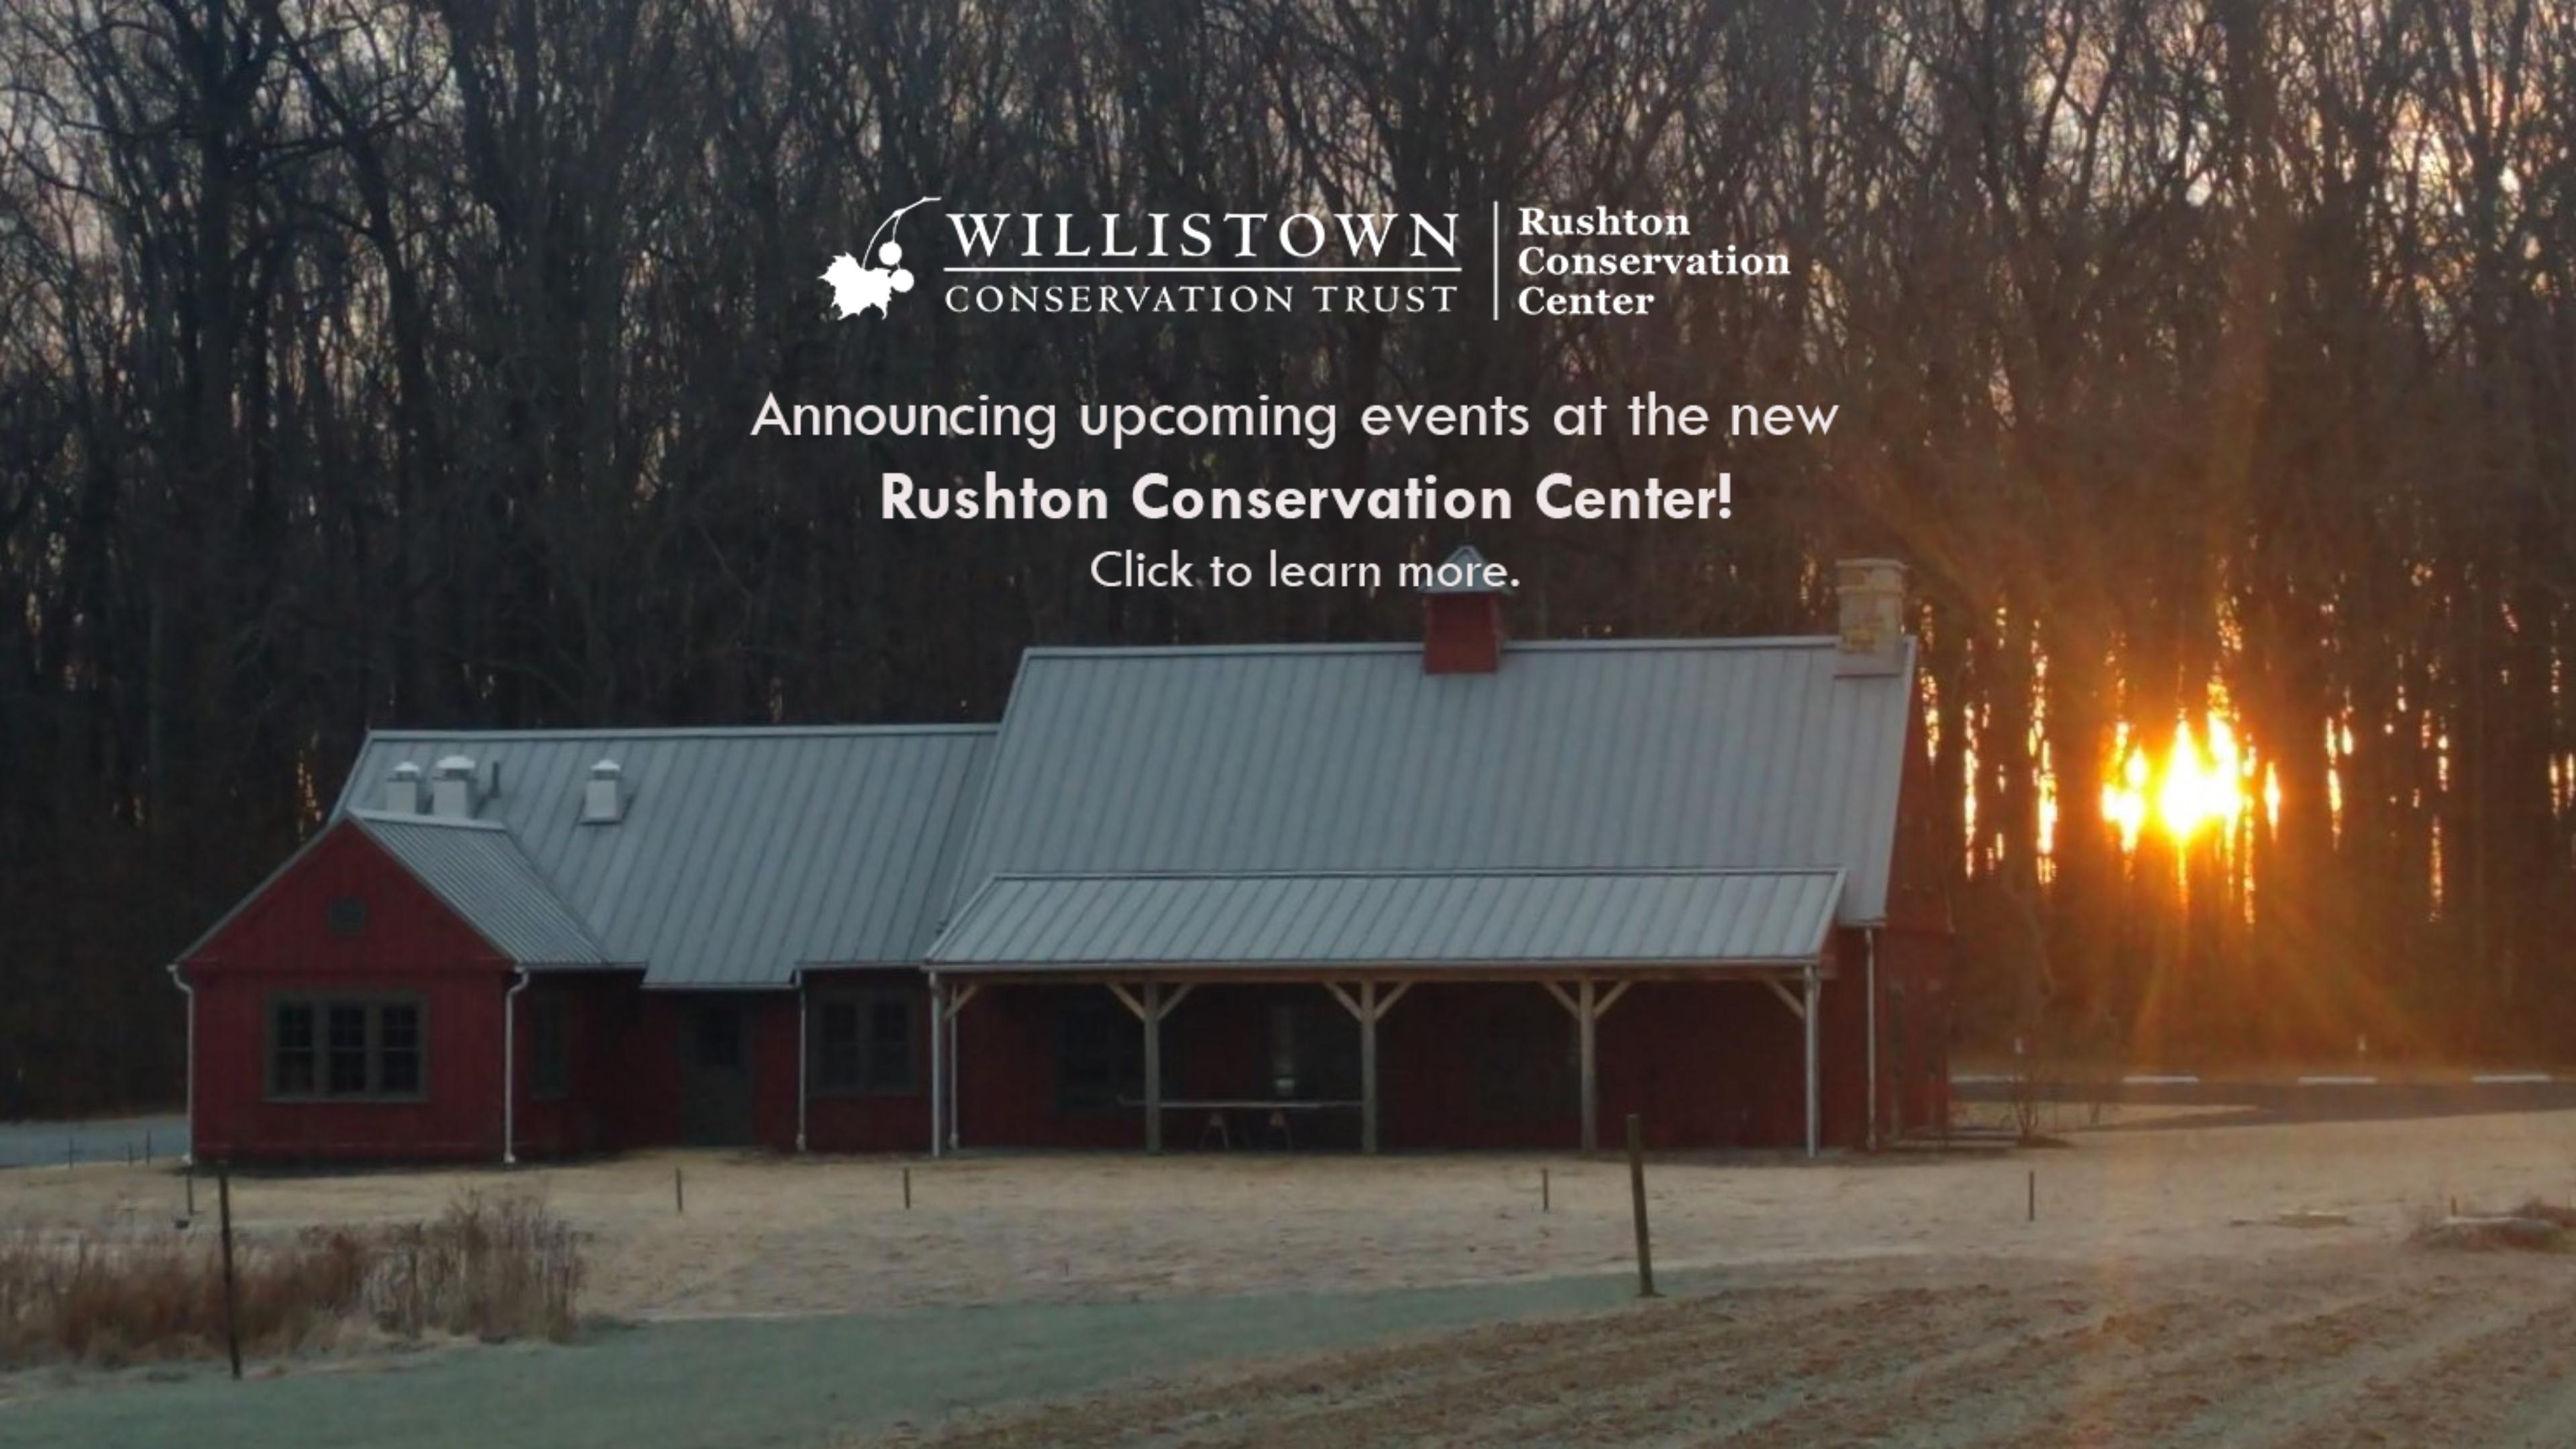 Rushton Conservation Center